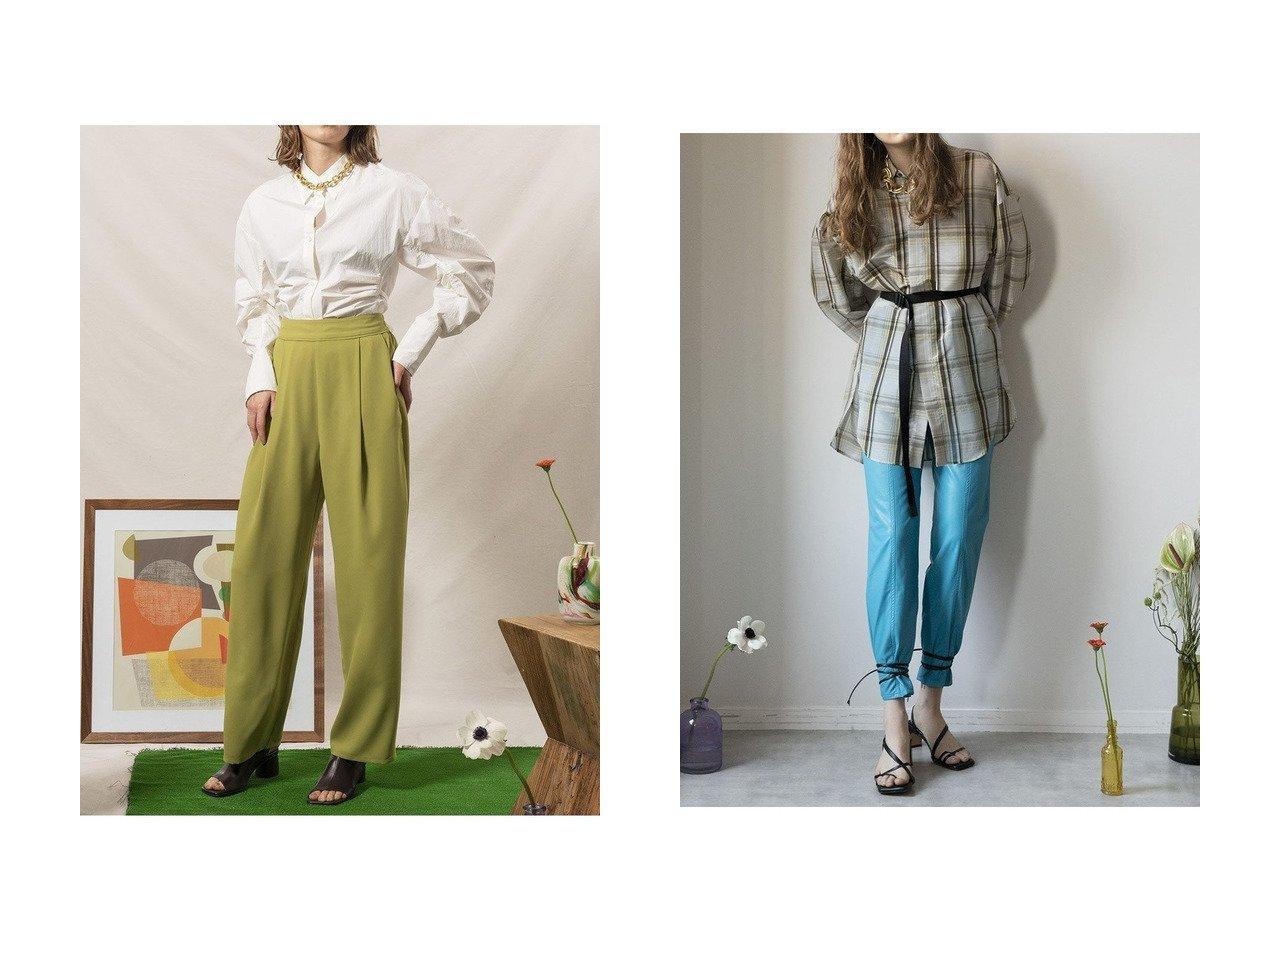 【MAISON SPECIAL/メゾンスペシャル】のシアーチェックオーバーシャツ&サーキュラースリーブシャツ トップス・カットソーのおすすめ!人気、トレンド・レディースファッションの通販  おすすめで人気の流行・トレンド、ファッションの通販商品 メンズファッション・キッズファッション・インテリア・家具・レディースファッション・服の通販 founy(ファニー) https://founy.com/ ファッション Fashion レディースファッション WOMEN トップス カットソー Tops Tshirt シャツ/ブラウス Shirts Blouses インナー 春 Spring ギャザー ショルダー ショーツ スリーブ タフタ ダウン デニム ドローストリング ミドル ロング 2021年 2021 S/S 春夏 SS Spring/Summer 2021 春夏 S/S SS Spring/Summer 2021 おすすめ Recommend  ID:crp329100000025141